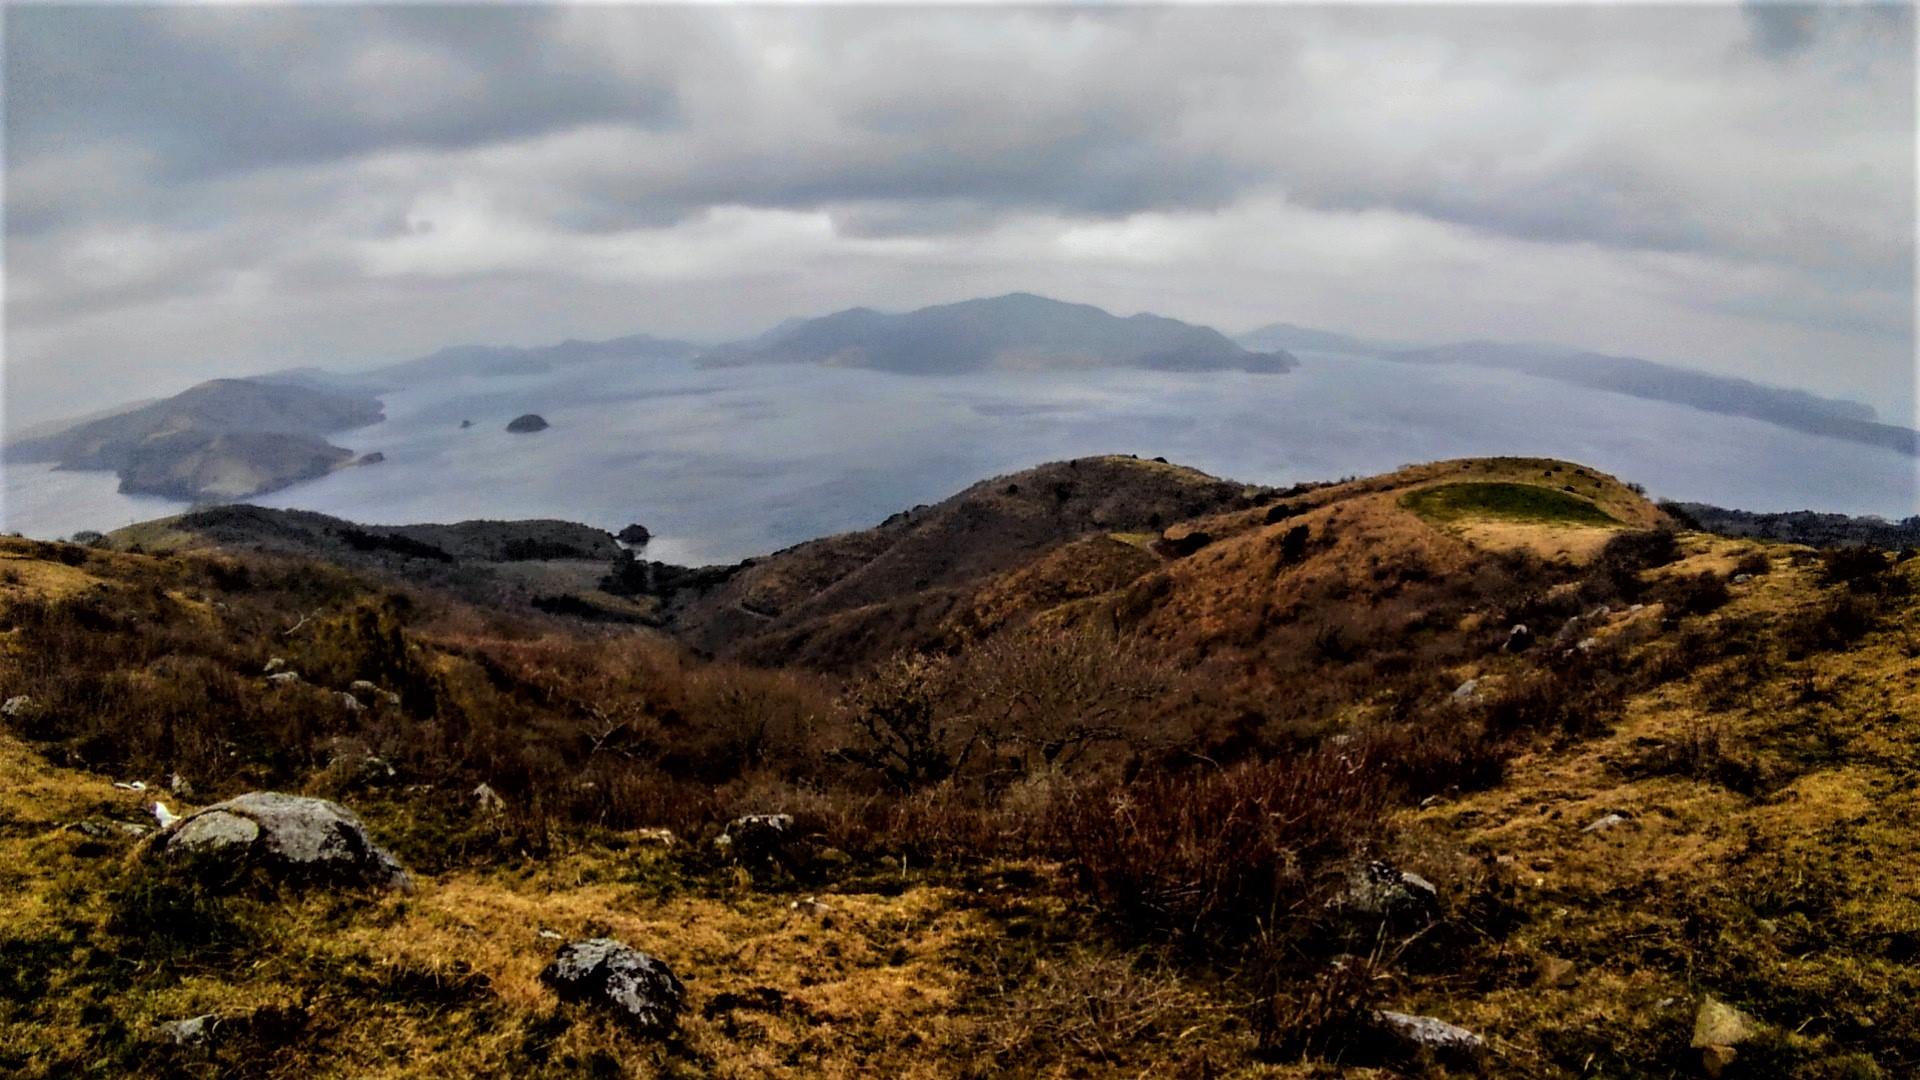 知夫里島、赤ハゲ山から見た島前カルデラの全貌